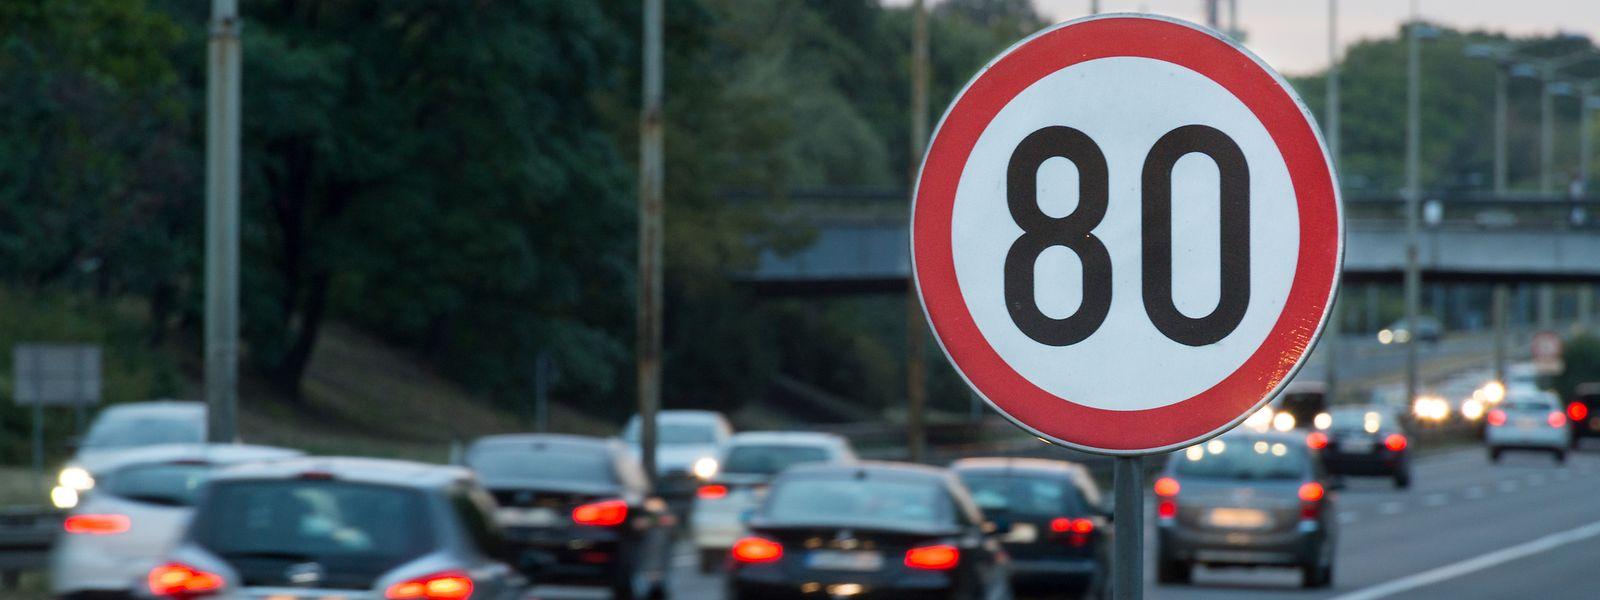 Après avoir imposé la limitation de vitesse, le gouvernement renvoie la balle aux départements.